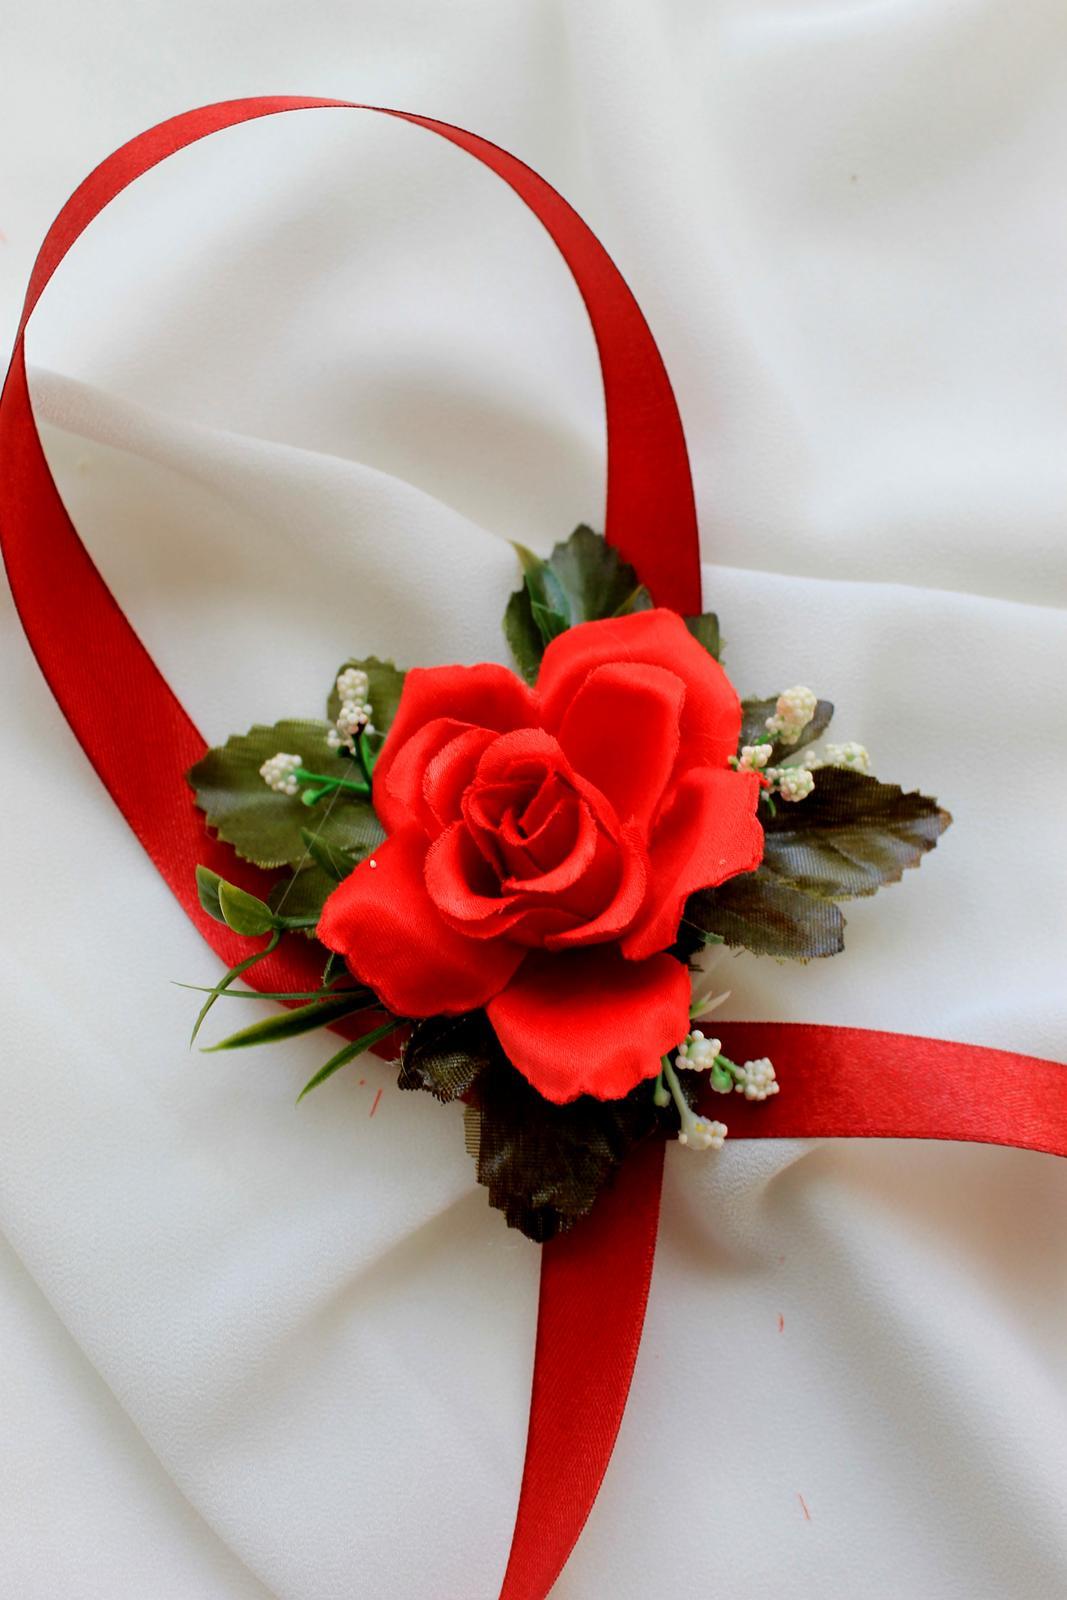 Kvetinové náramky pre družičky - červená ruža - Obrázok č. 2